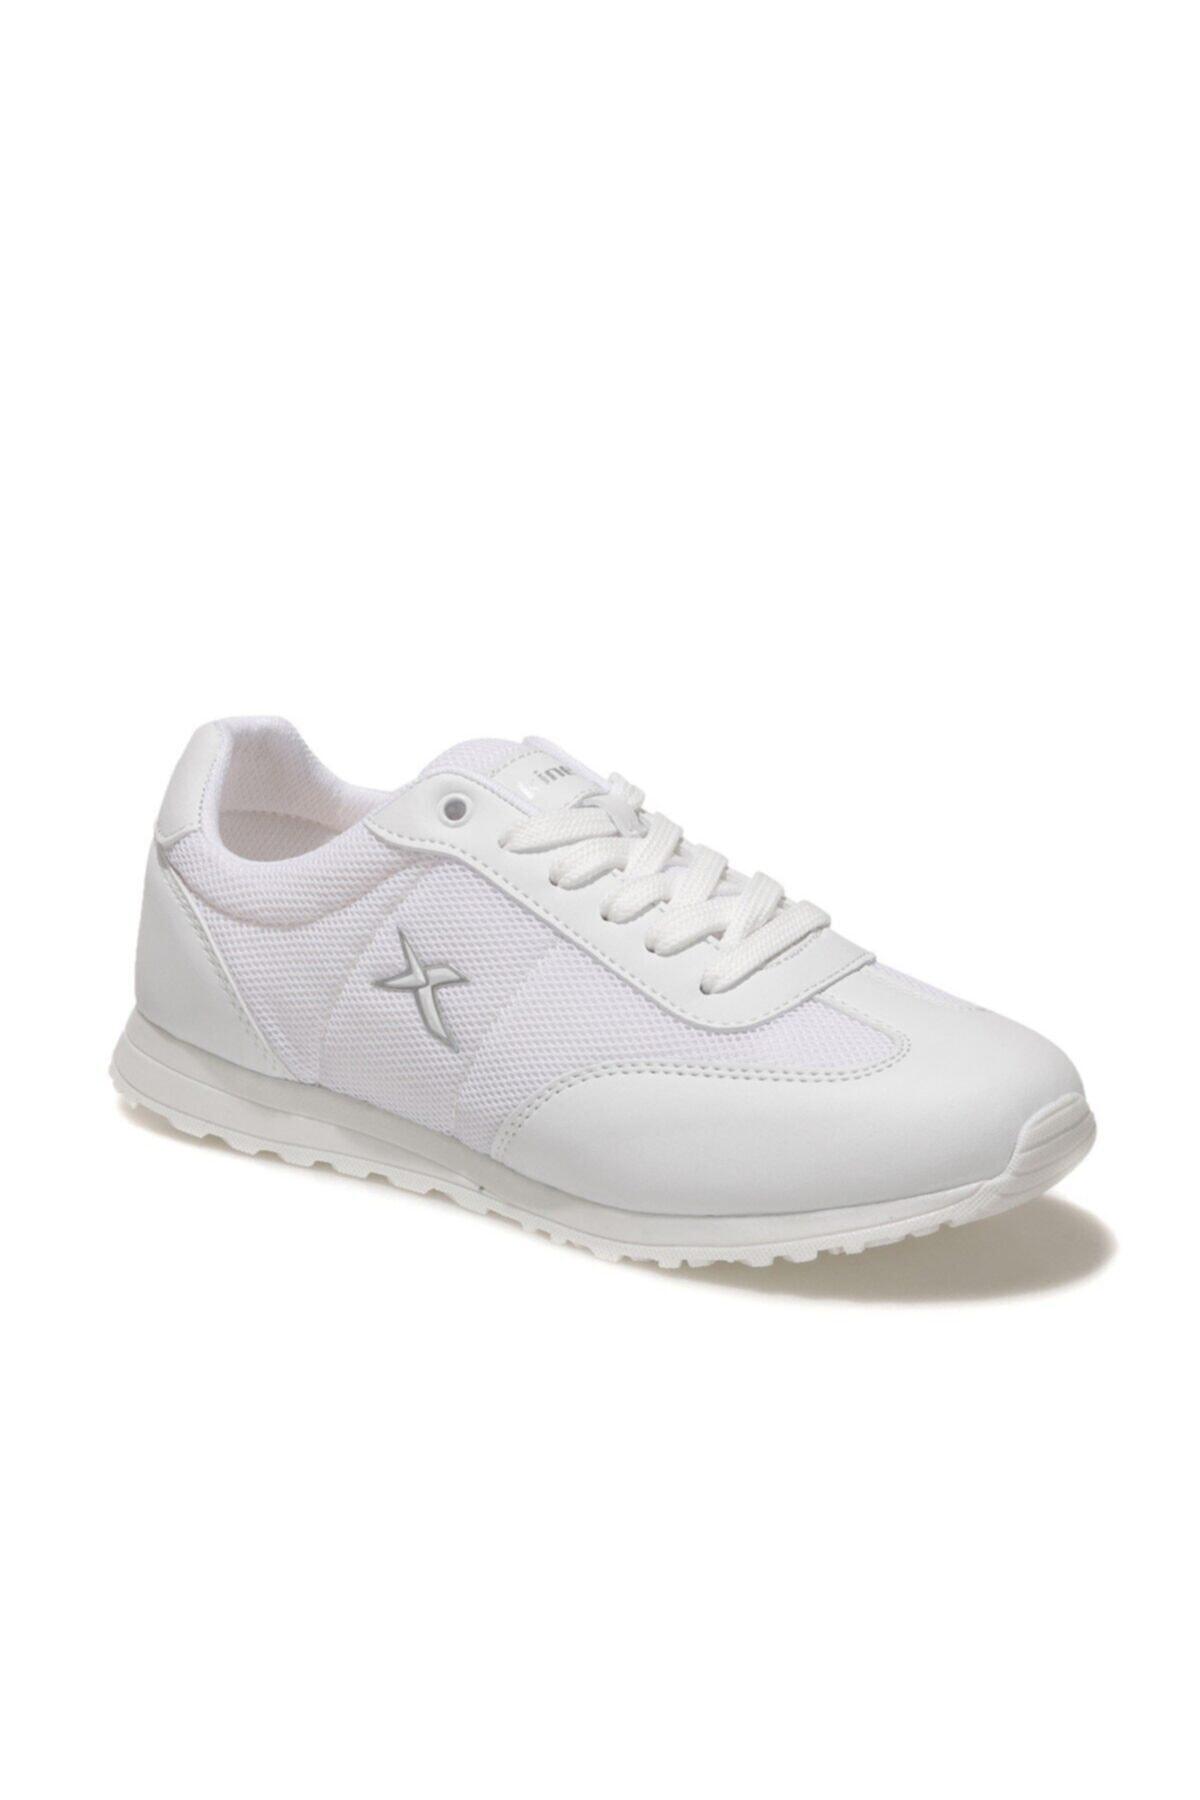 VENTUS W 1FX Beyaz Kadın Sneaker 100788200